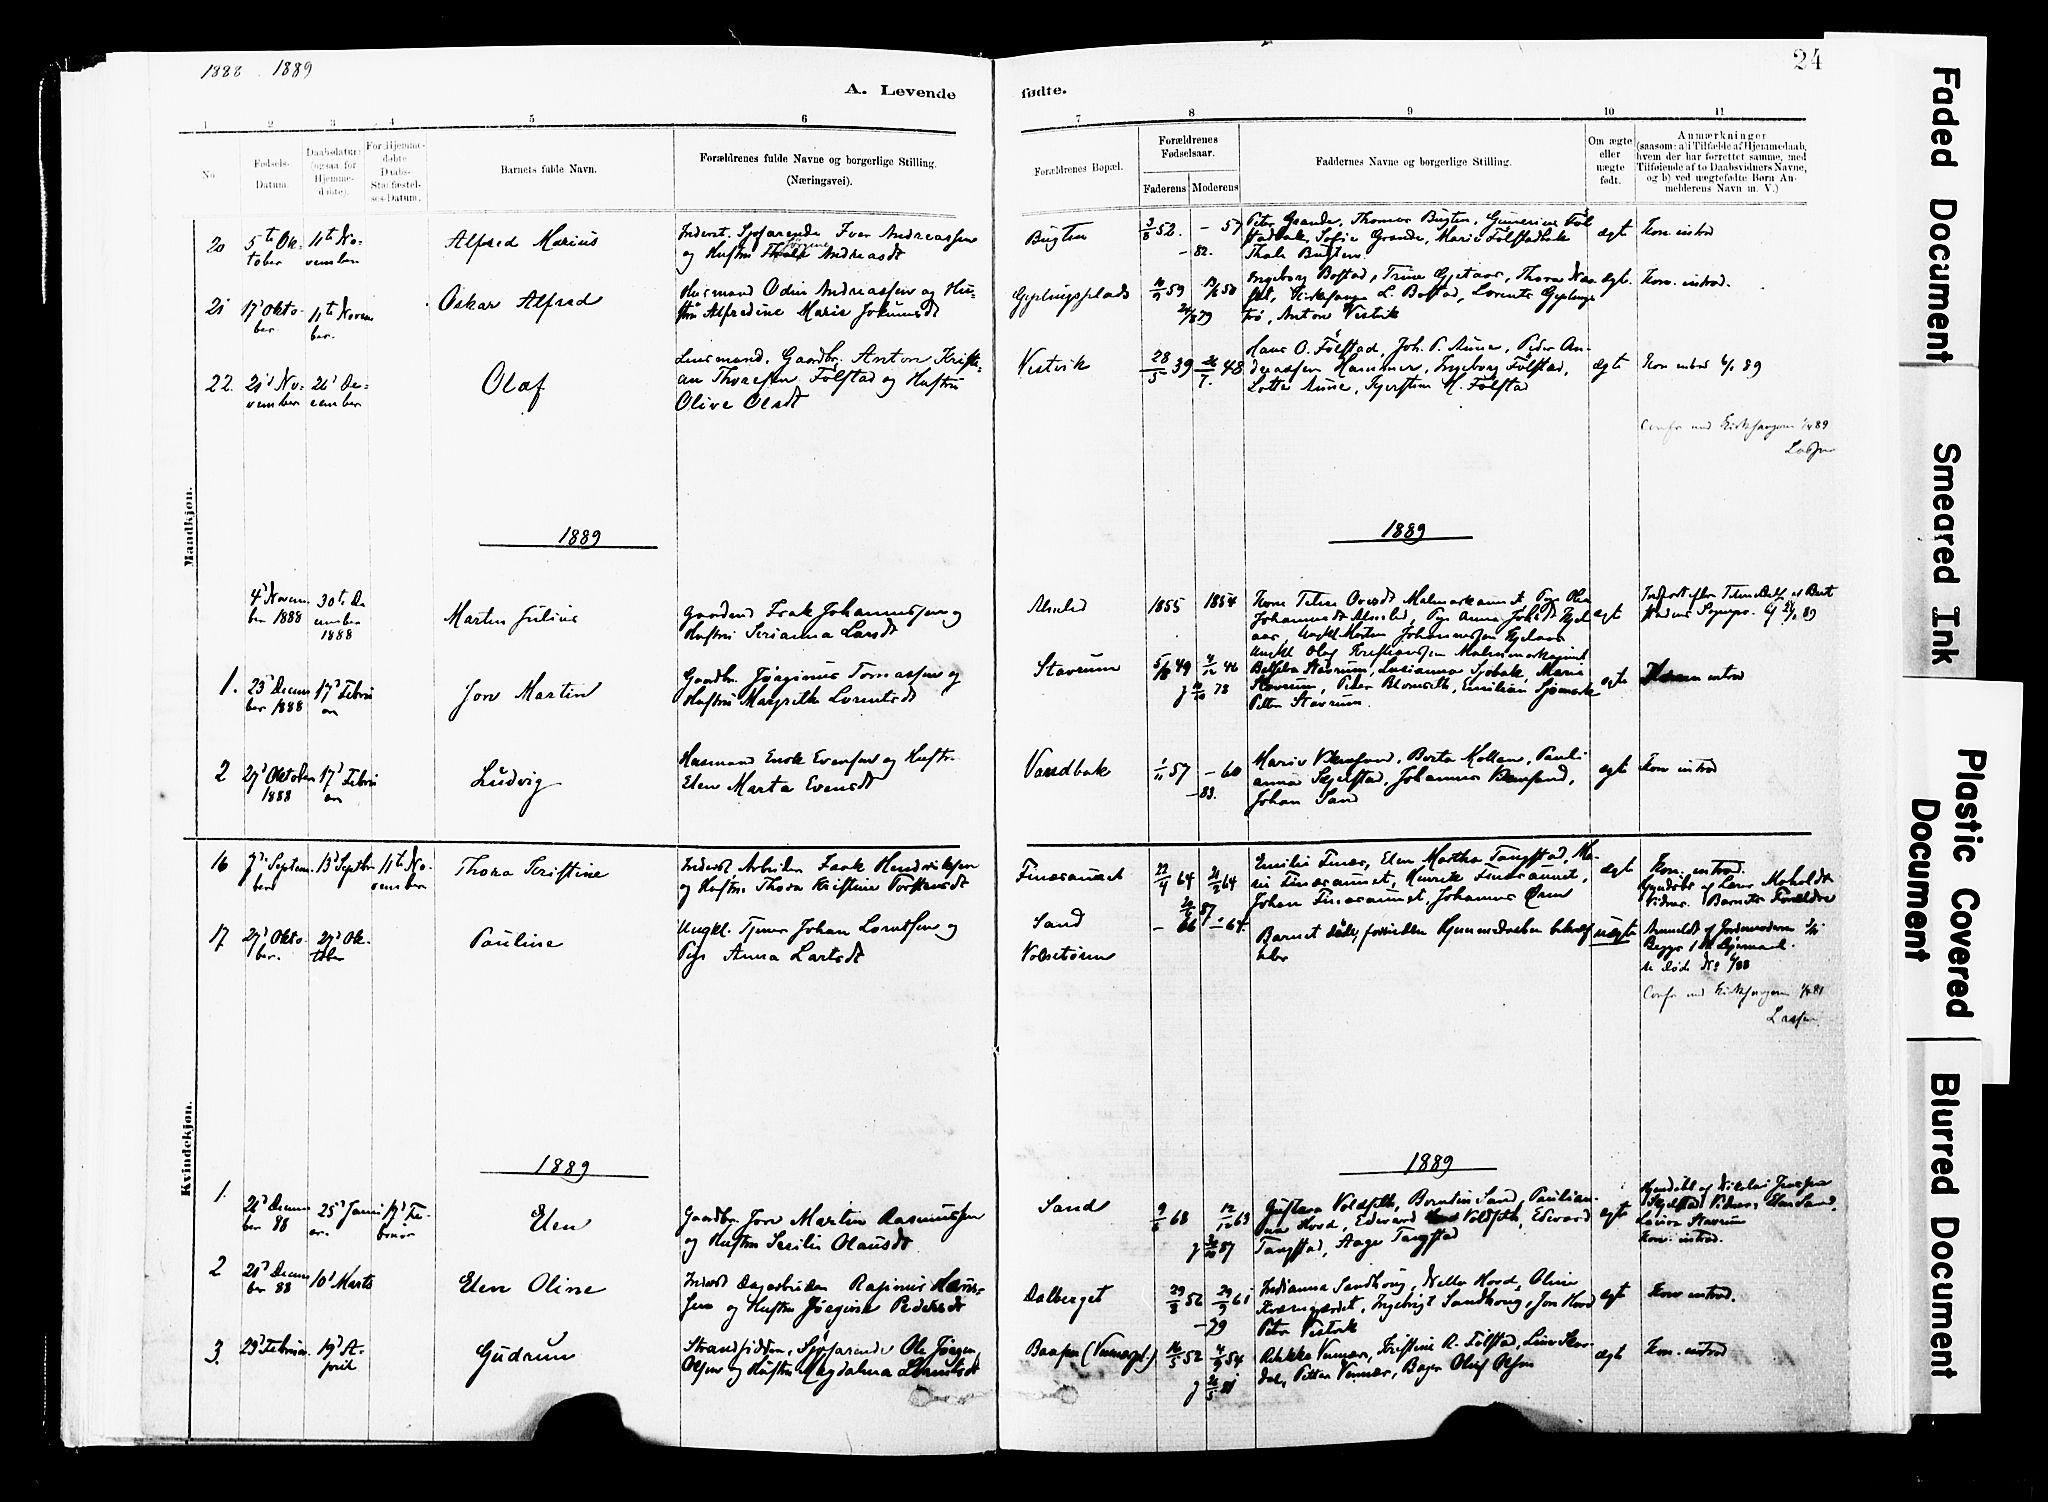 SAT, Ministerialprotokoller, klokkerbøker og fødselsregistre - Nord-Trøndelag, 744/L0420: Ministerialbok nr. 744A04, 1882-1904, s. 24